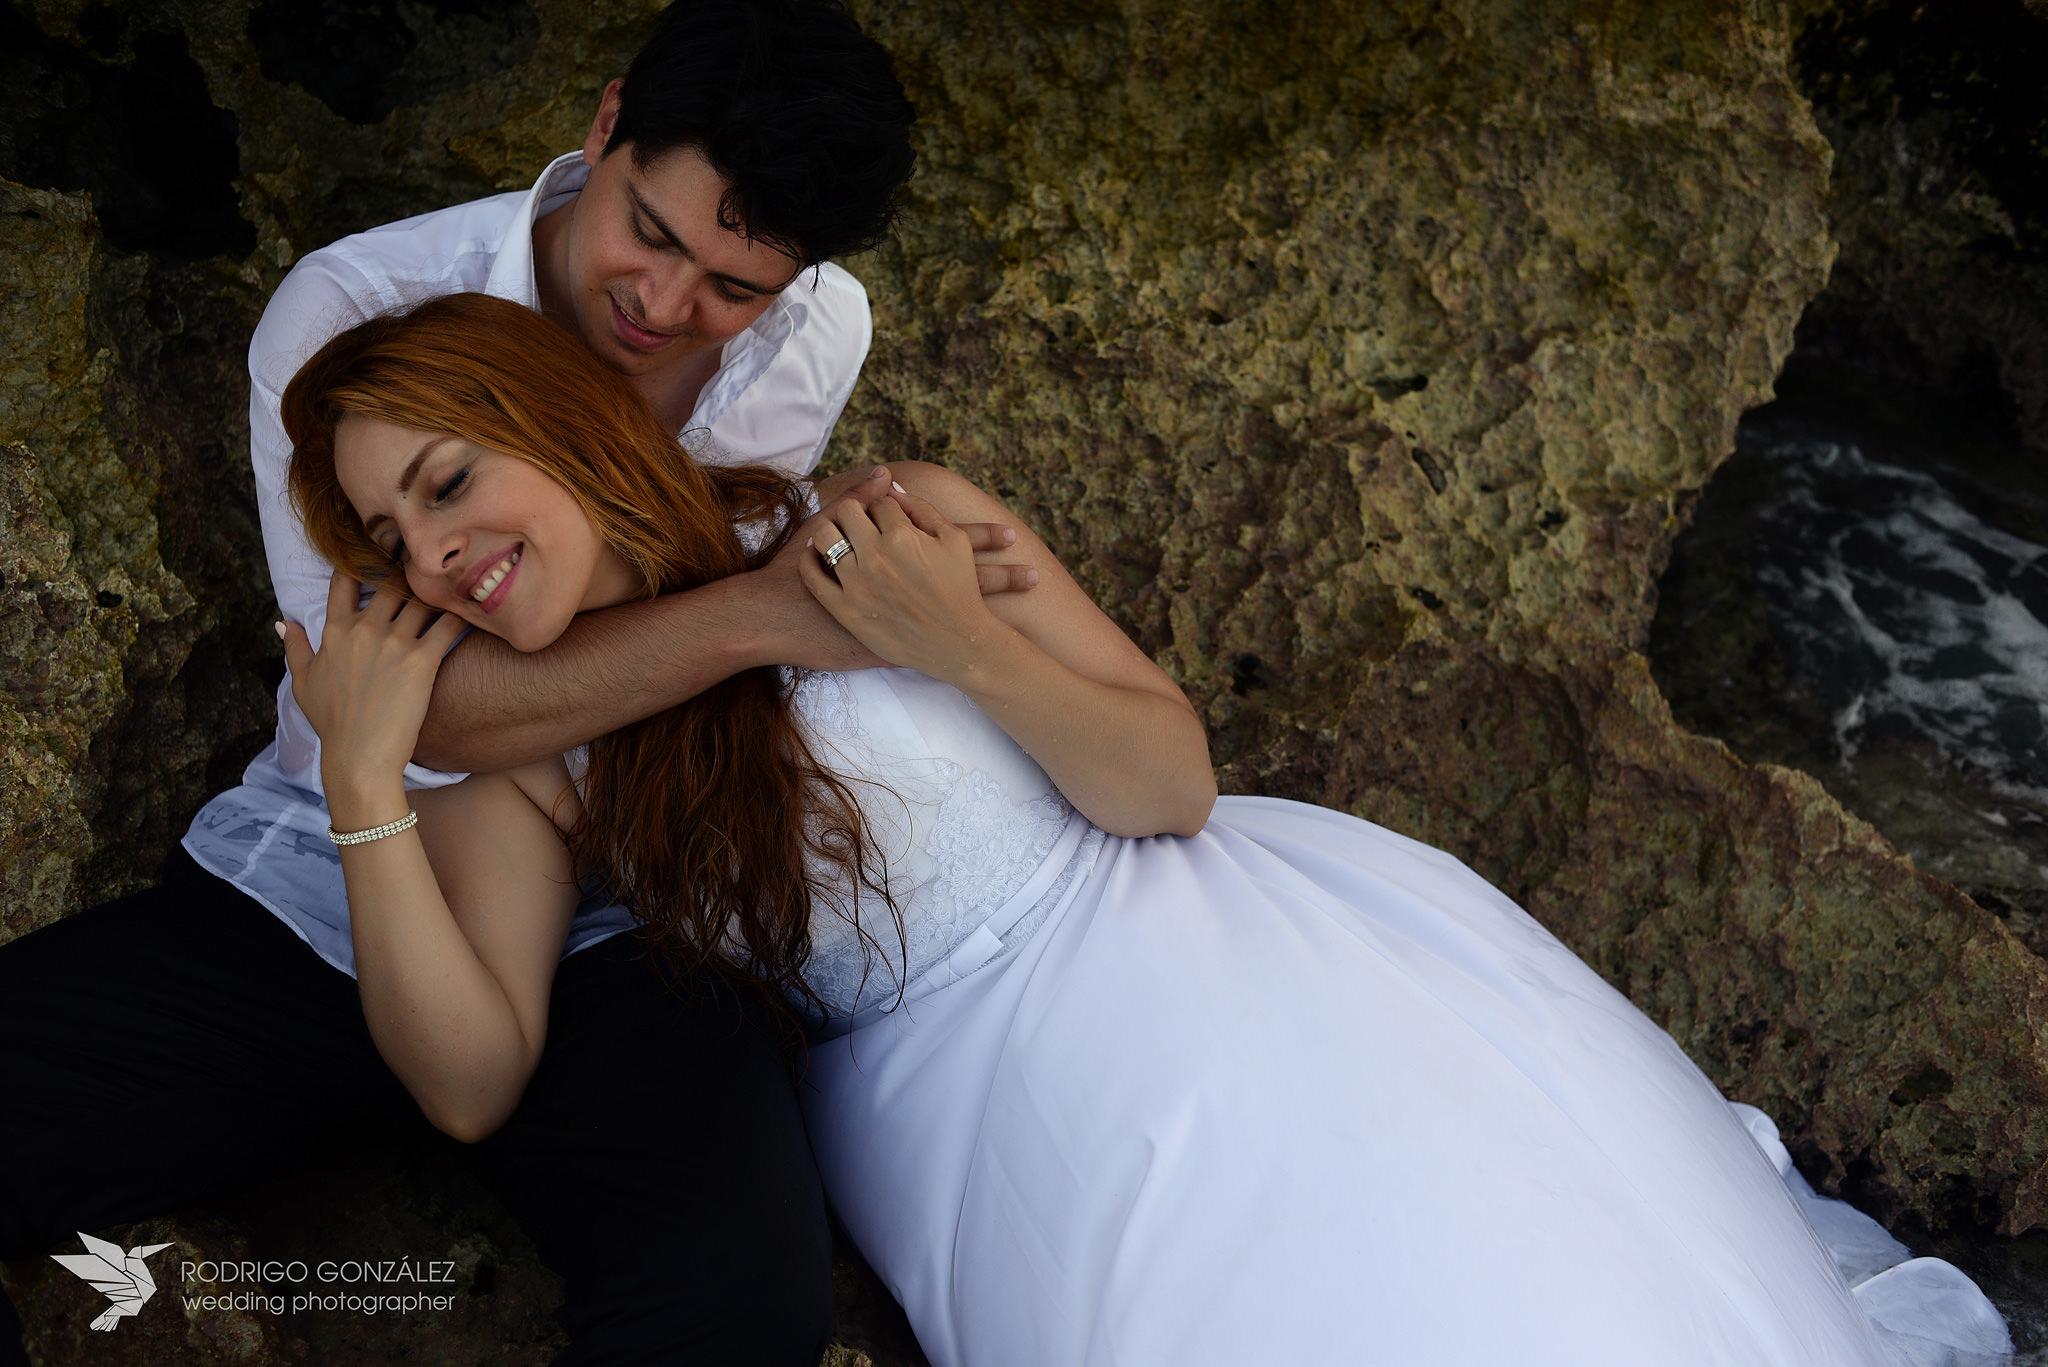 fotografo-de-bodas-en-mexico_127